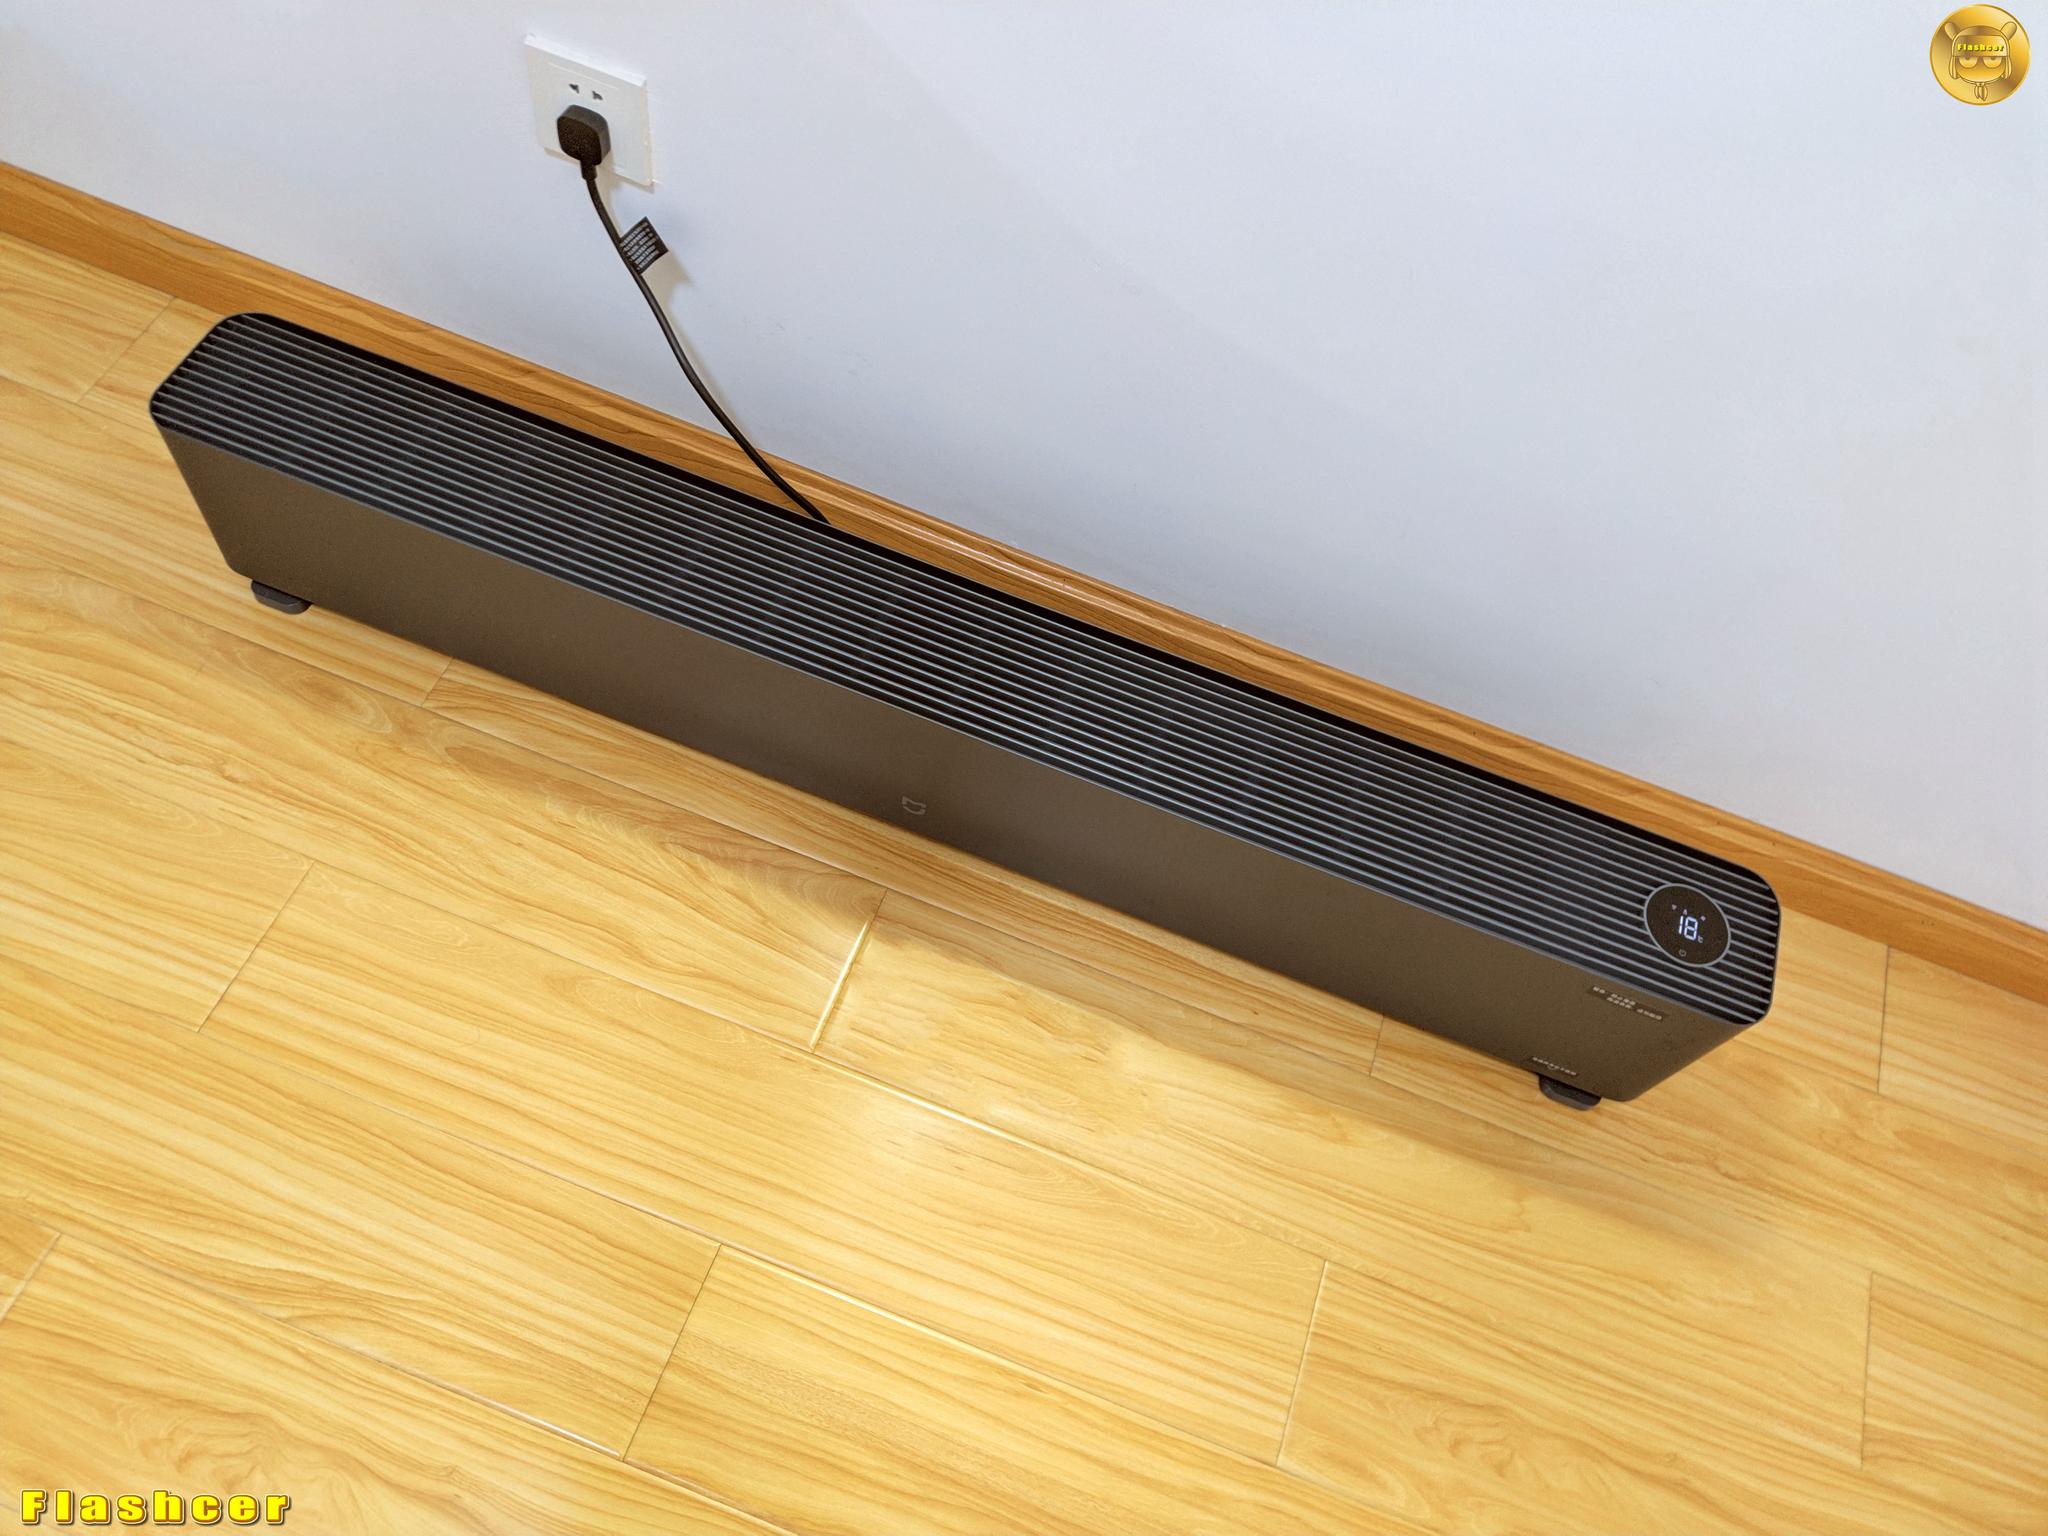 米家踢脚线电暖器1S,提升节能和暖流加速,悄无声息地温暖全屋